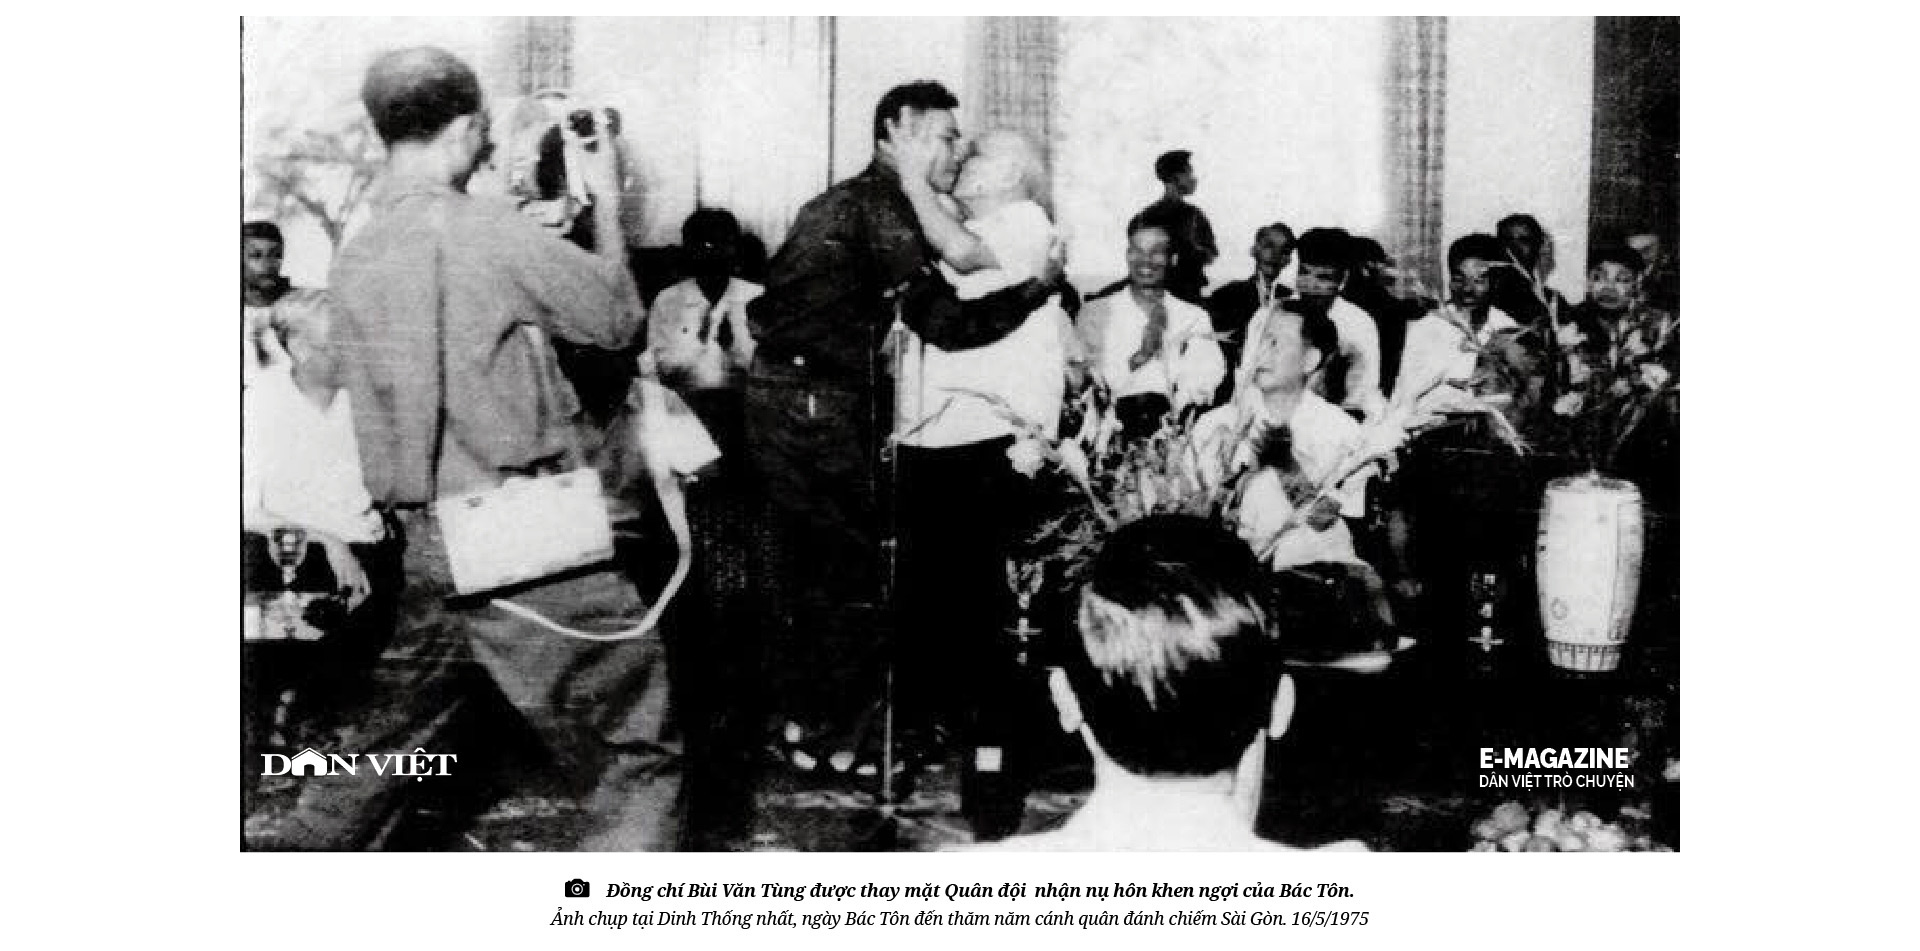 """Đạo diễn, NSƯT Phạm Việt Tùng: """"Có những sự thật 30/4/1975 cần làm sáng tỏ để không phải xấu hổ trước lịch sử""""  - Ảnh 2."""